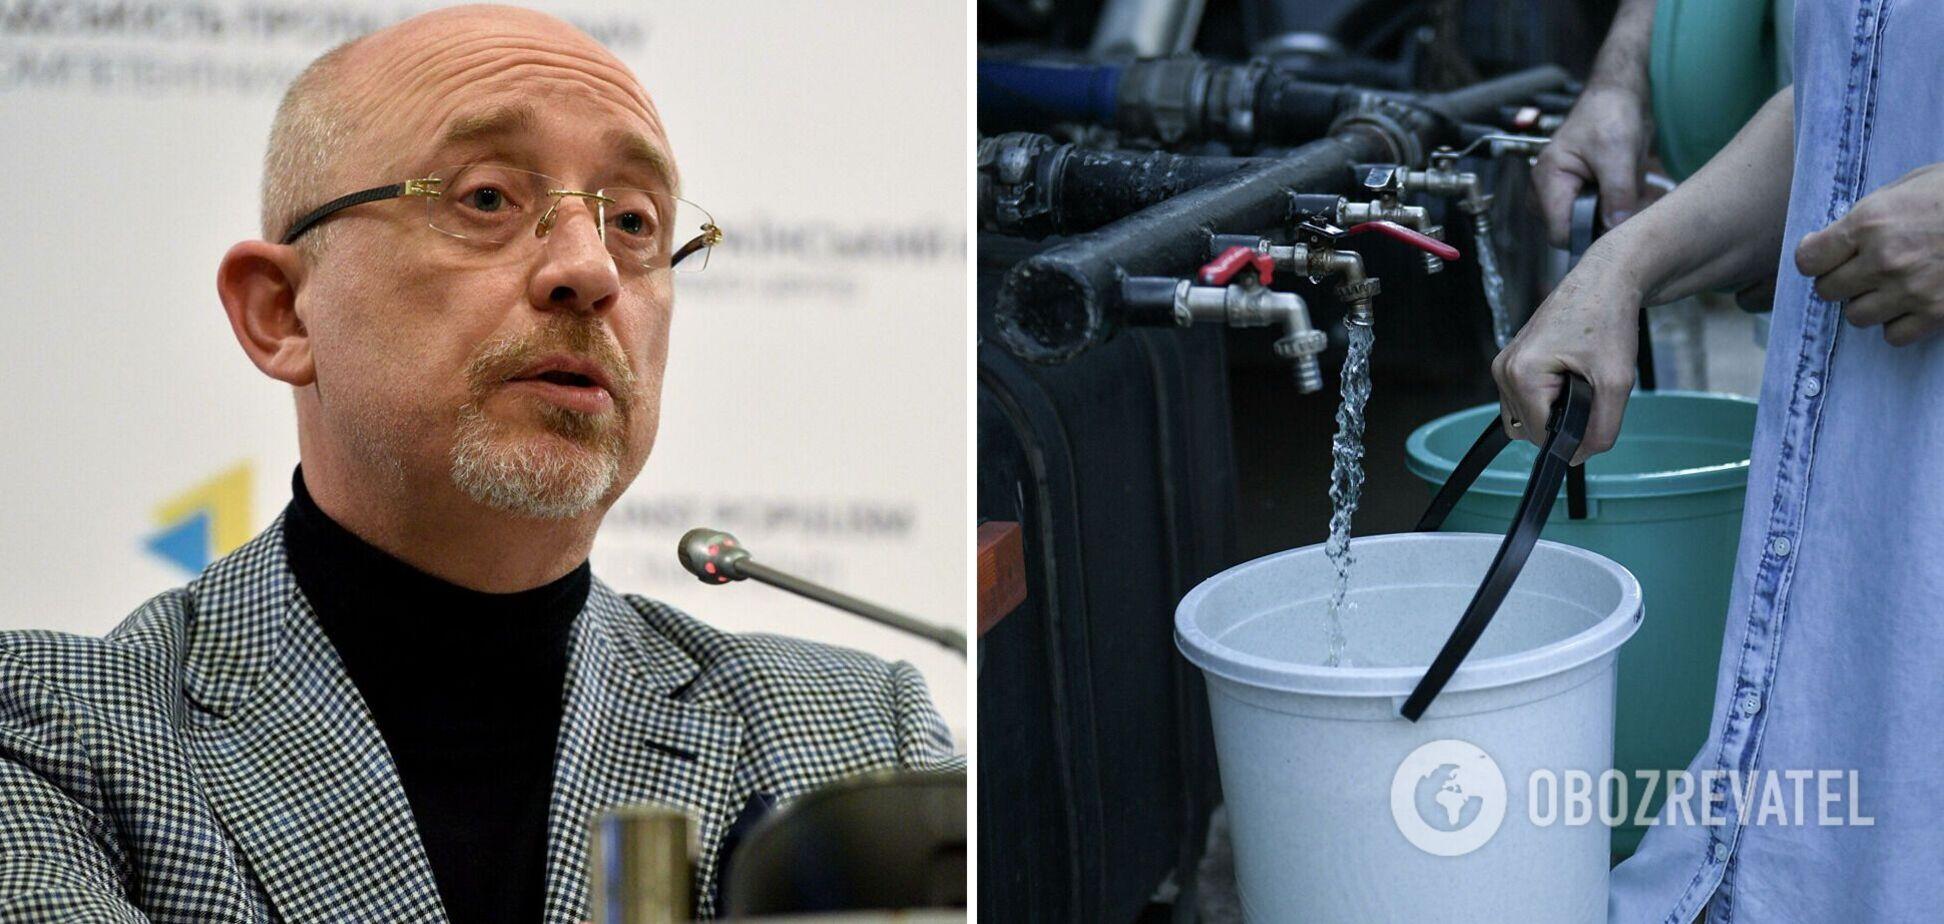 Резников назвал условие поставки воды в Крым 'цистернами и бочками'